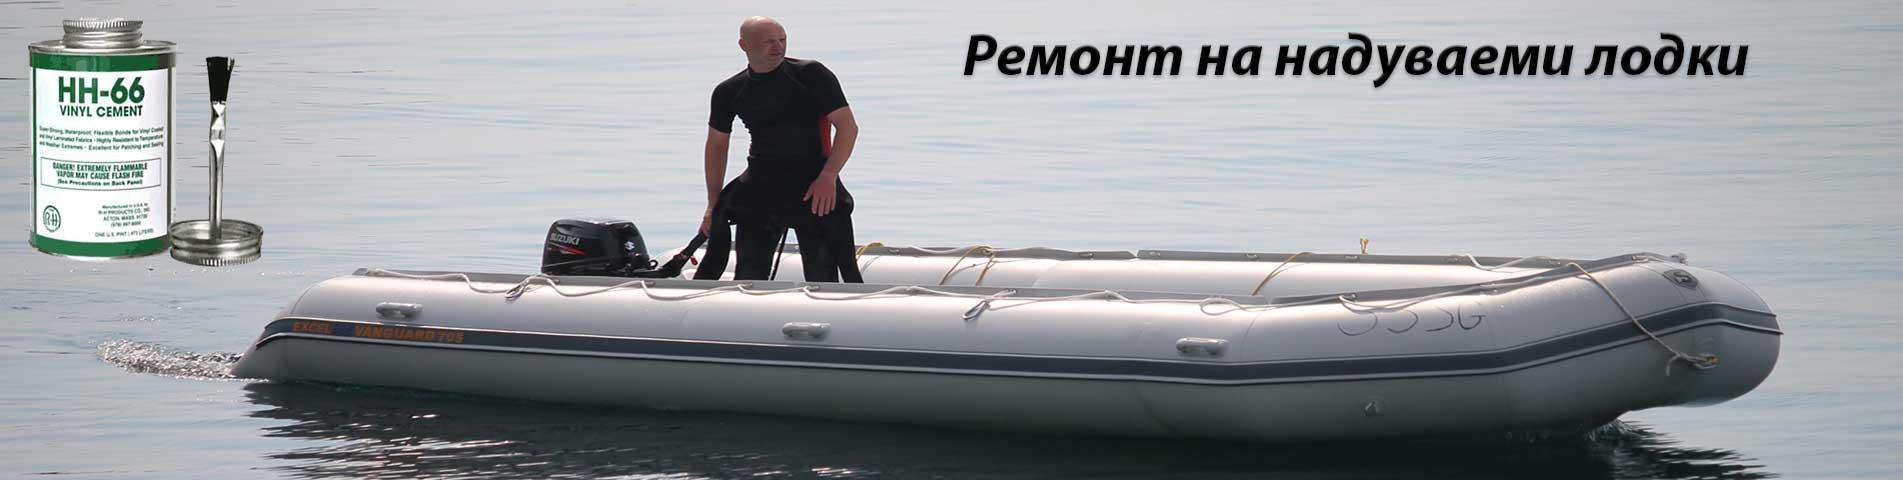 Inflatable Boat Repair